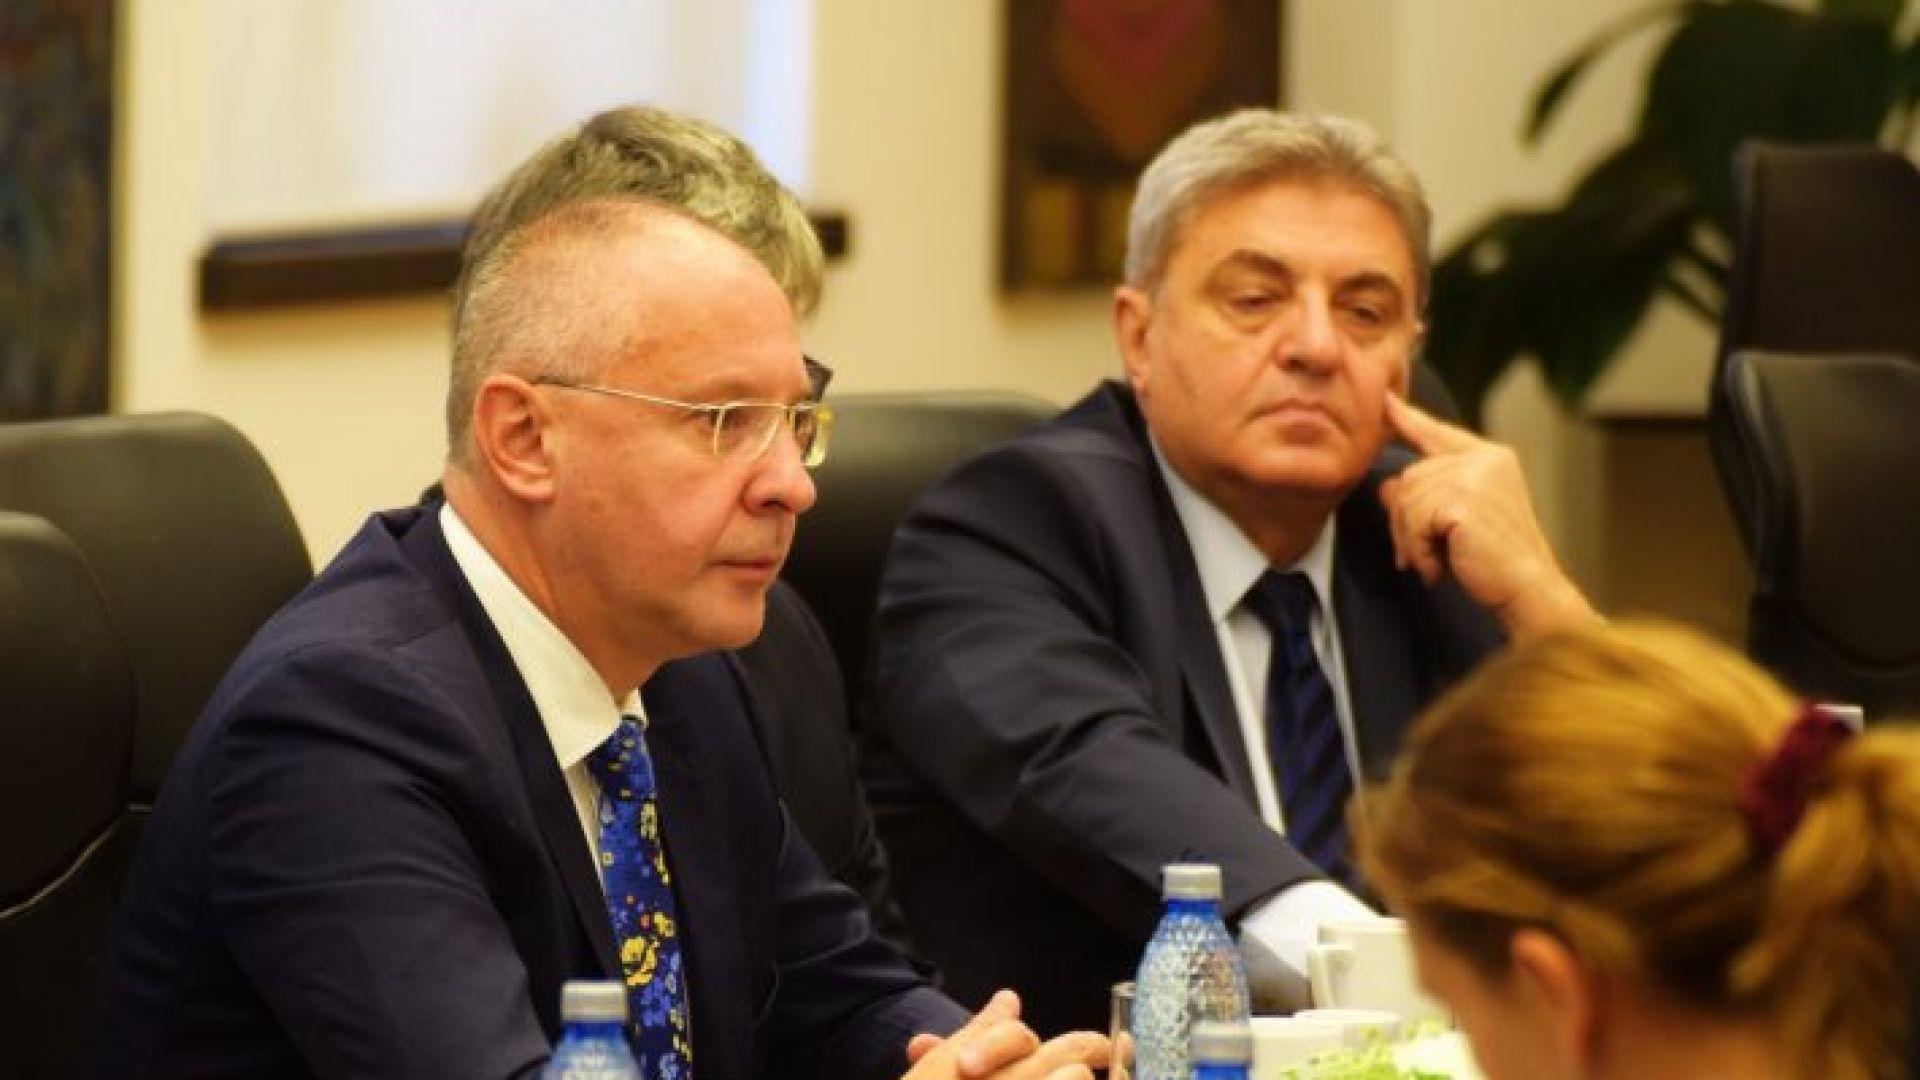 Личната си подкрепа за Венцислав Венков даде и лидерът на ПЕС Сергей Станишев.  Венков участва в партиен форум за бъдещето на Западните Балкани в Букурещ